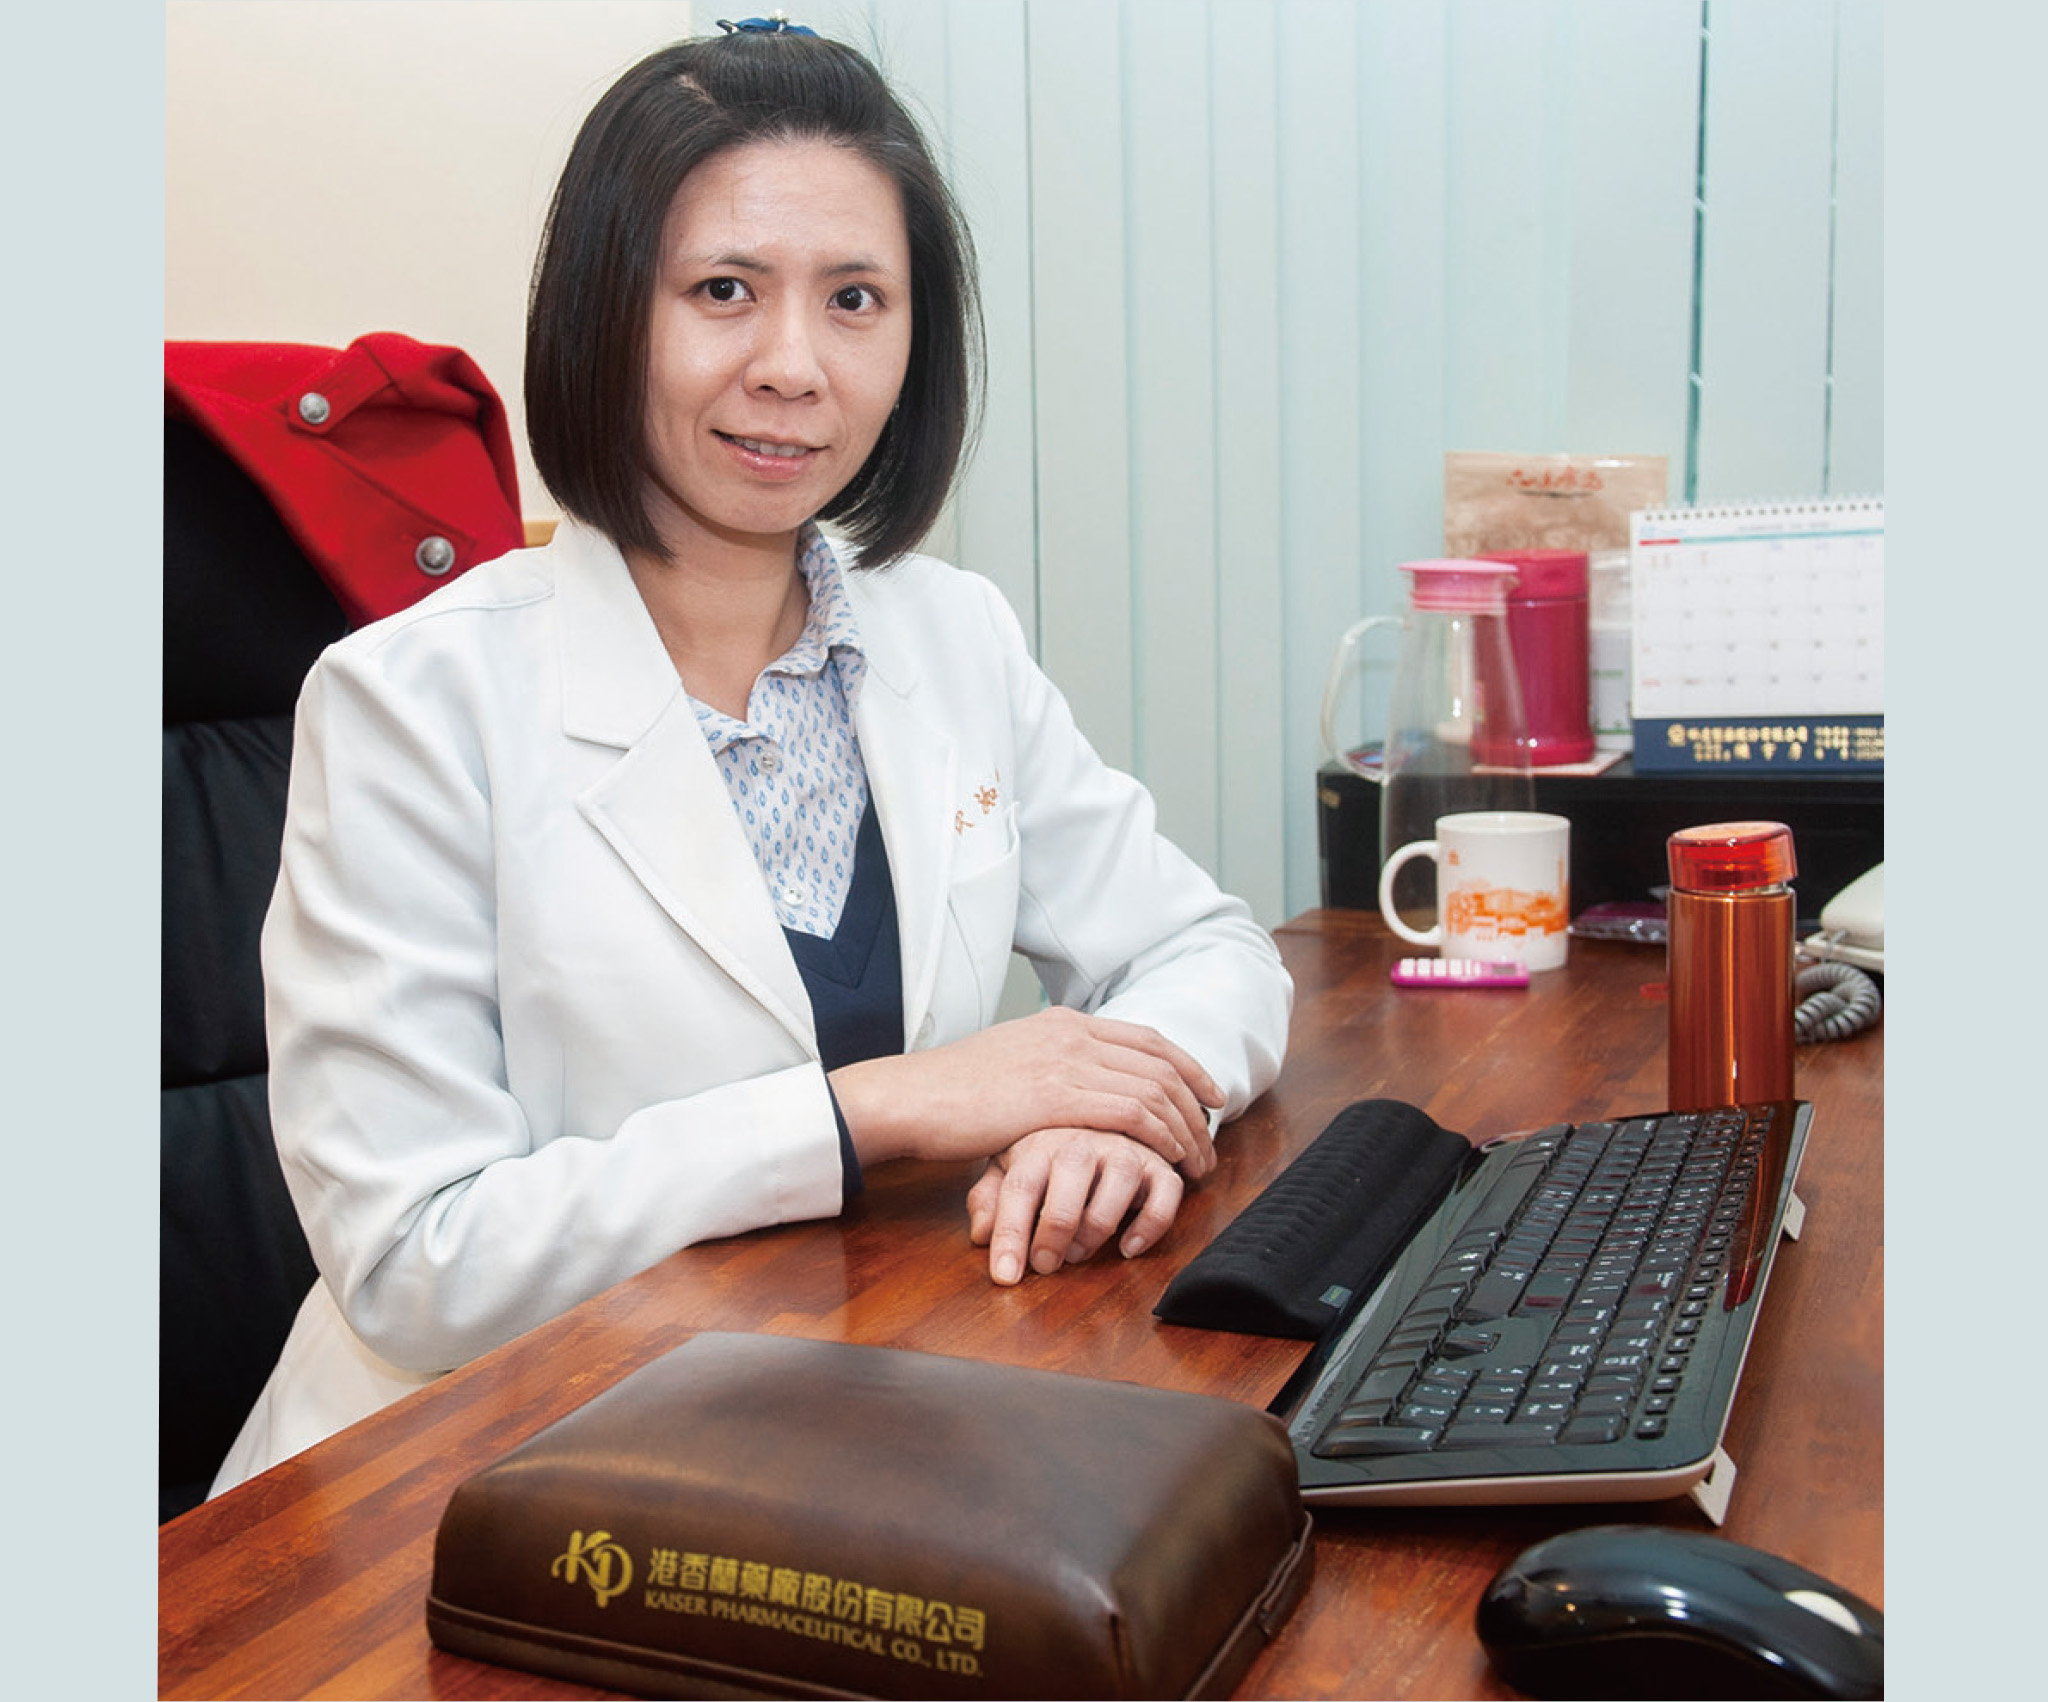 吳欣洳醫師擁有社工背景,提供最貼心的問診服務。